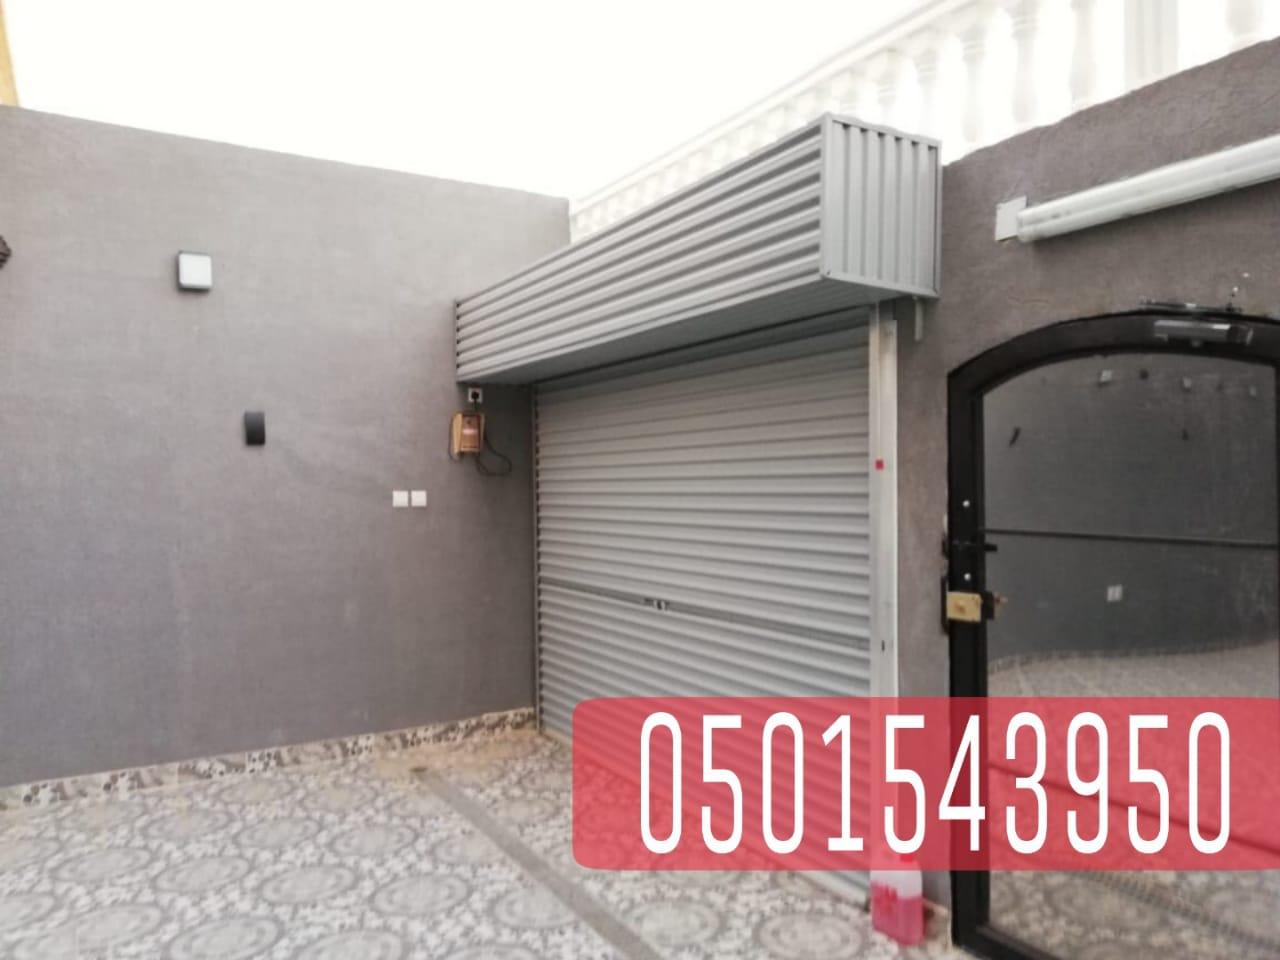 ورشة تركيب نوافذ شتر المنيوم , صيانة نوافذ في جدة , 0501543950 P_2077mkm9o5